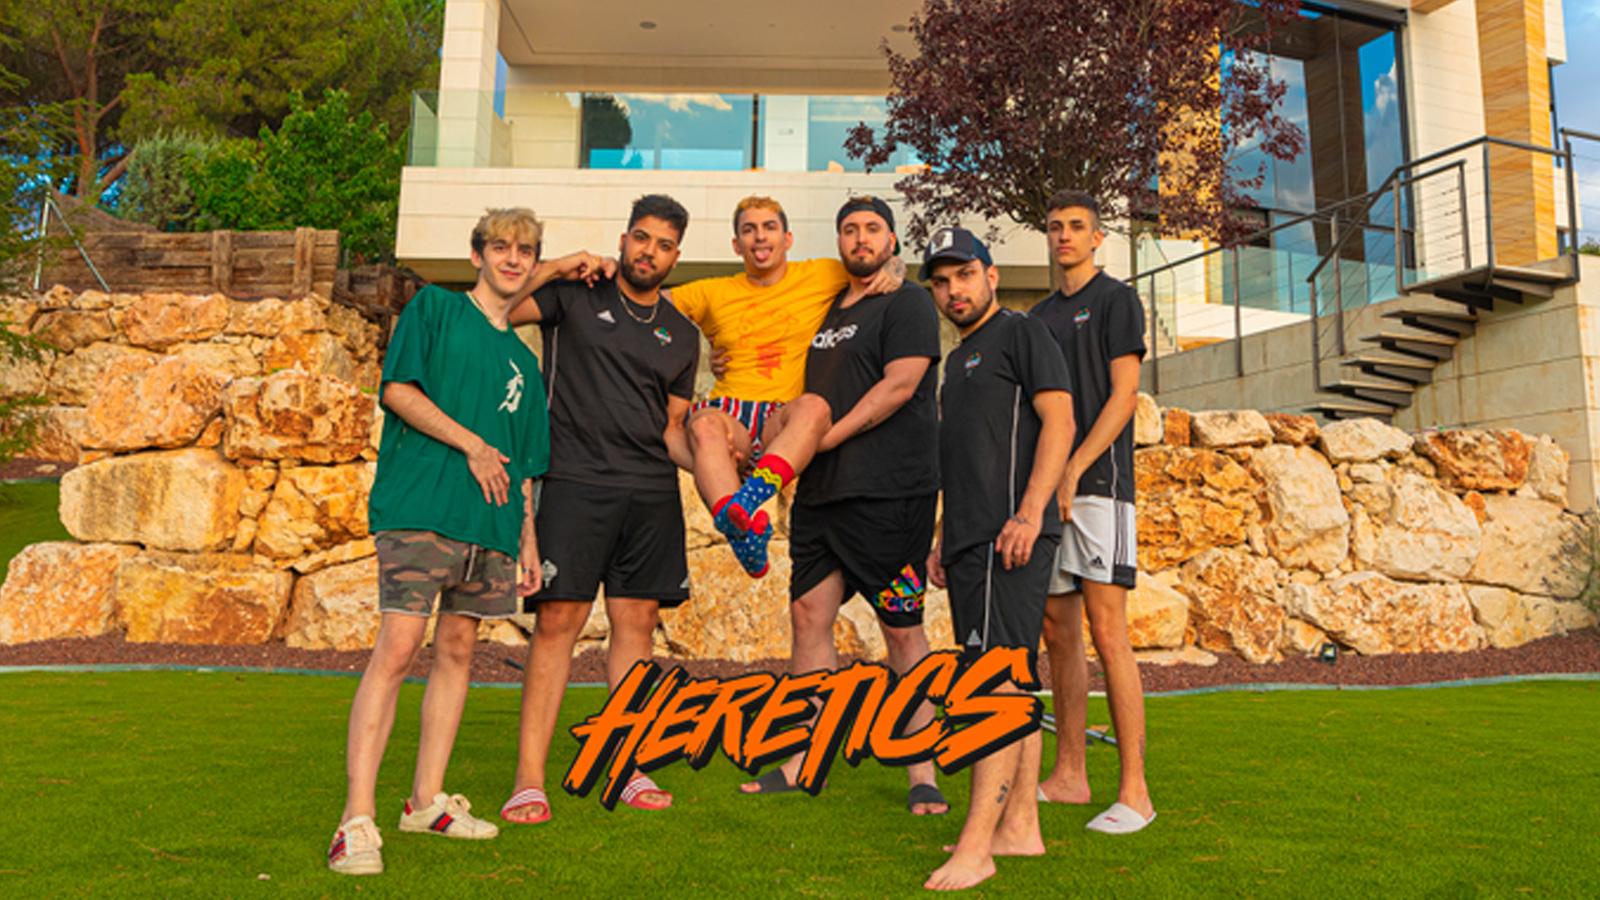 Creadores de contenido de Team Heretics en la mansion española